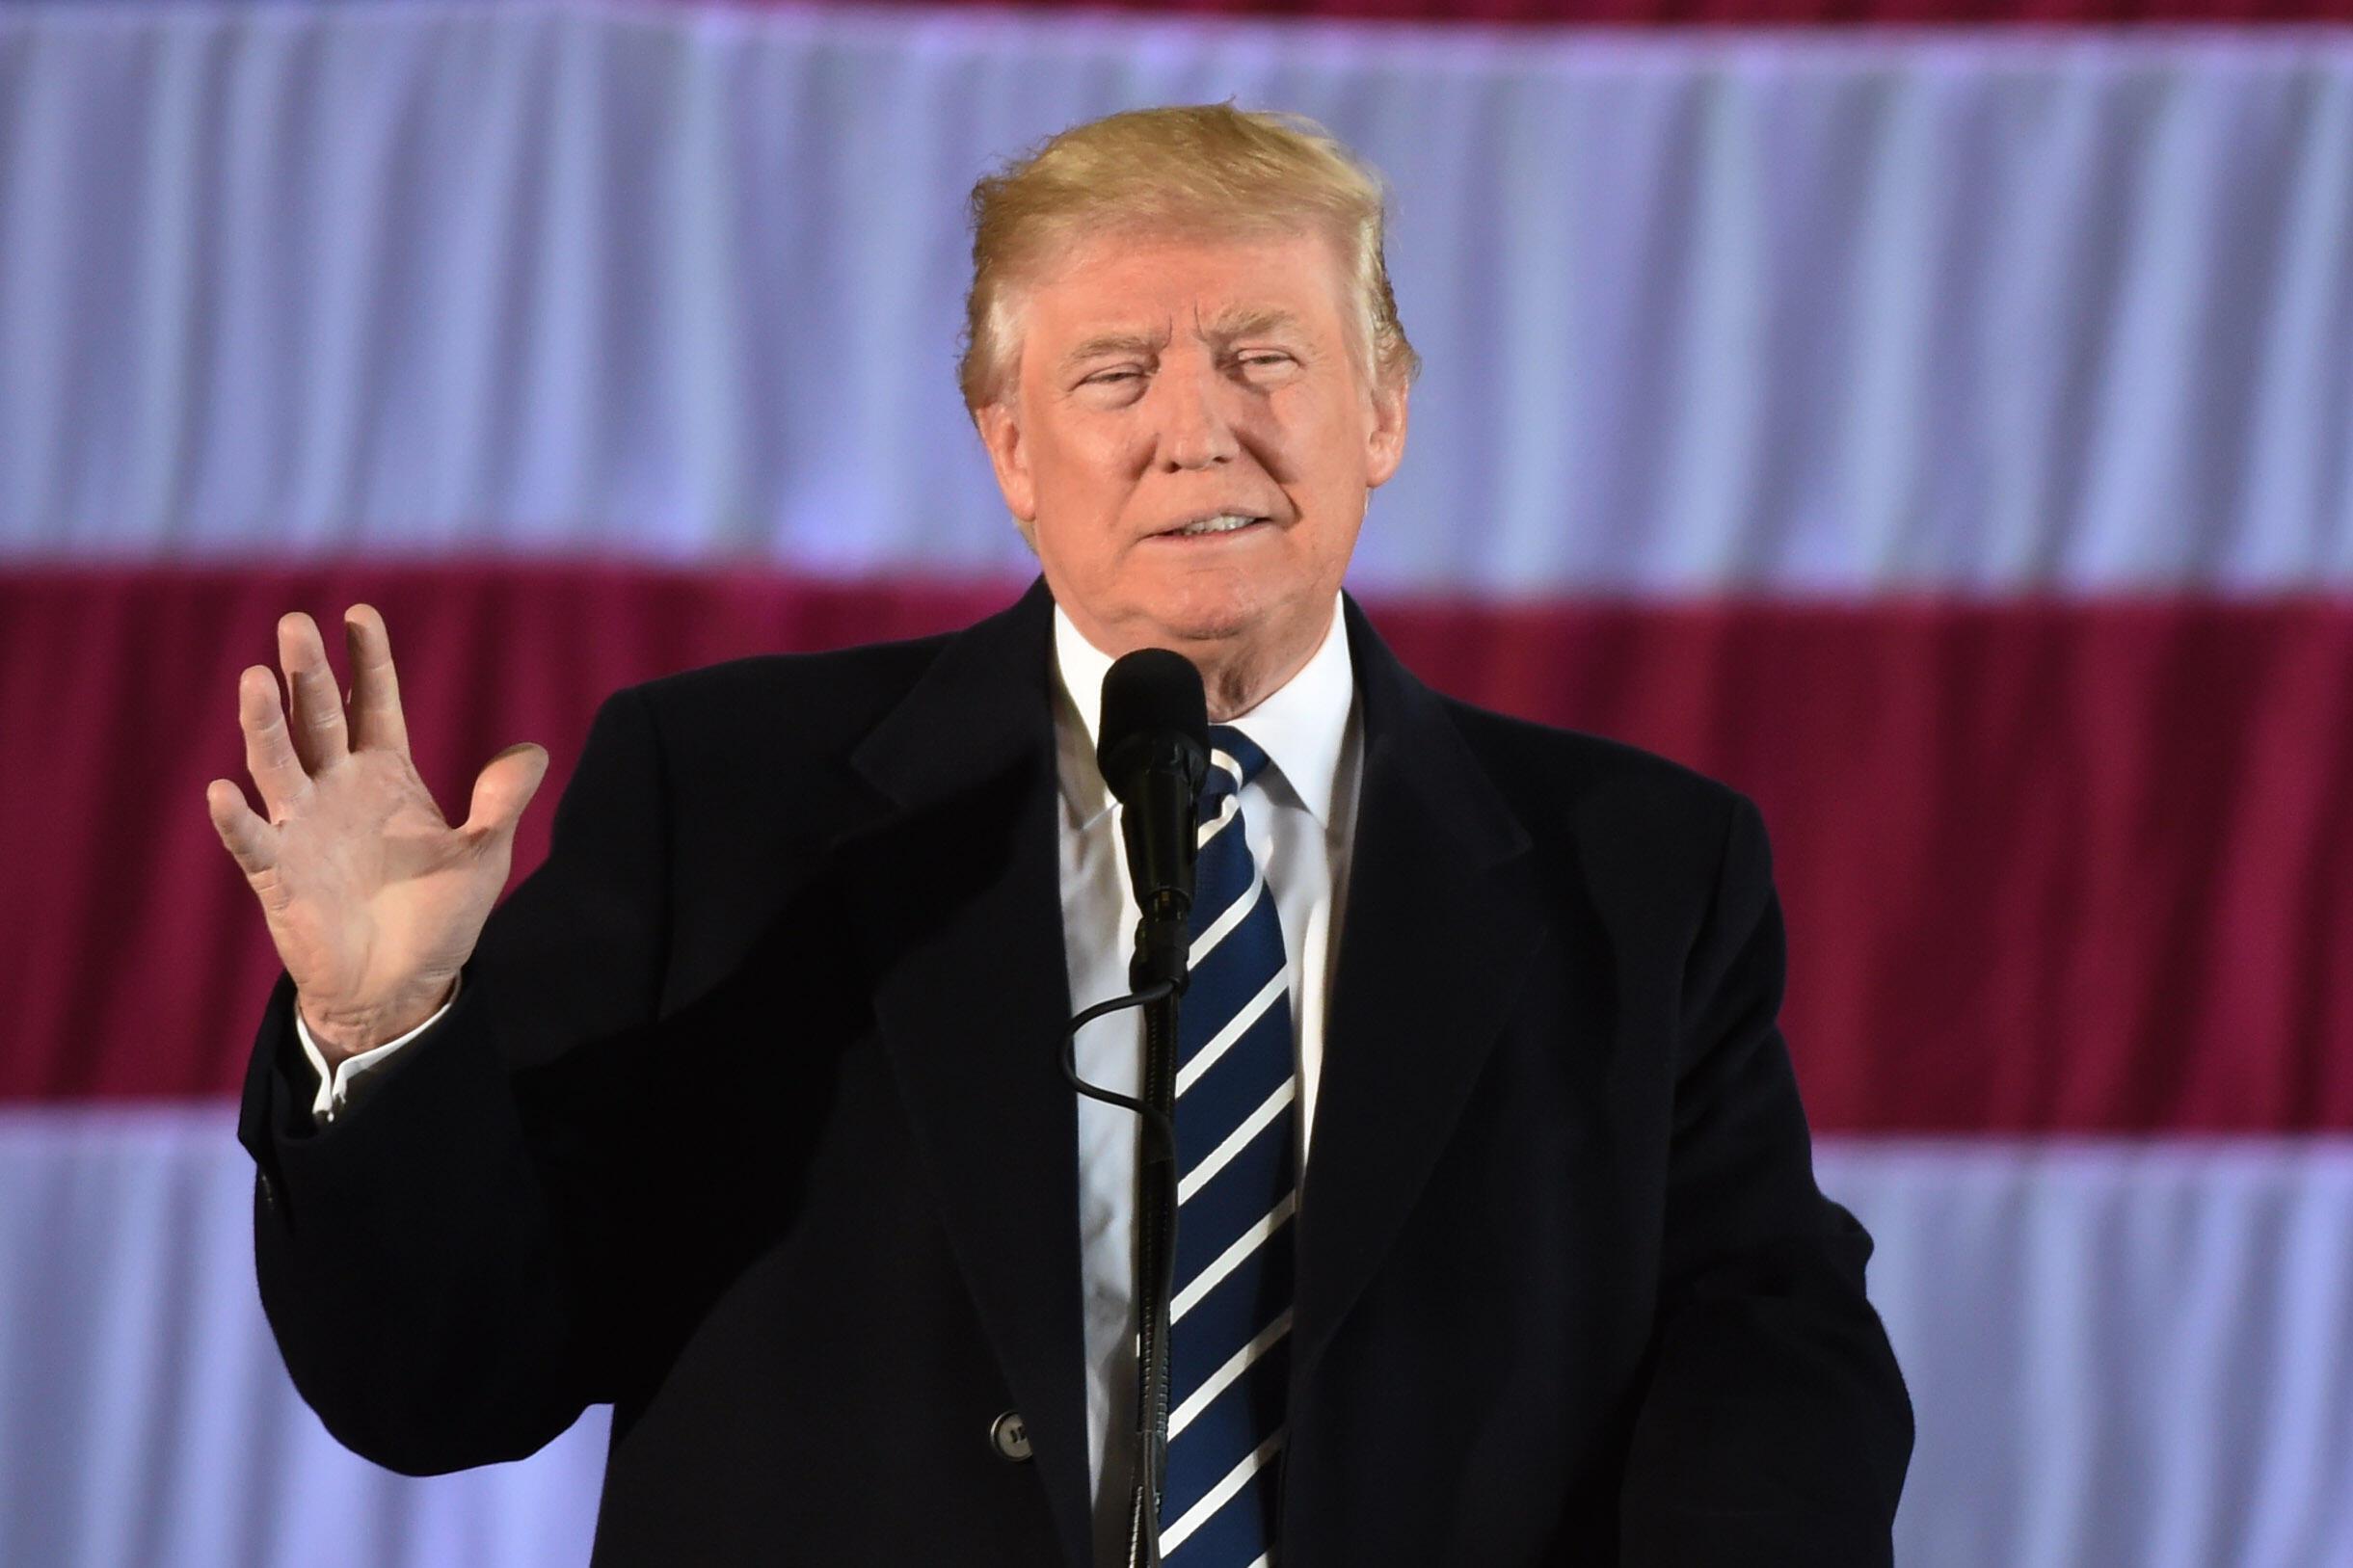 Tổng thống tân cử Donald Trump nỗ lực phản bác những cáo buộc đắc cử nhờ có sự giúp đỡ của Nga.